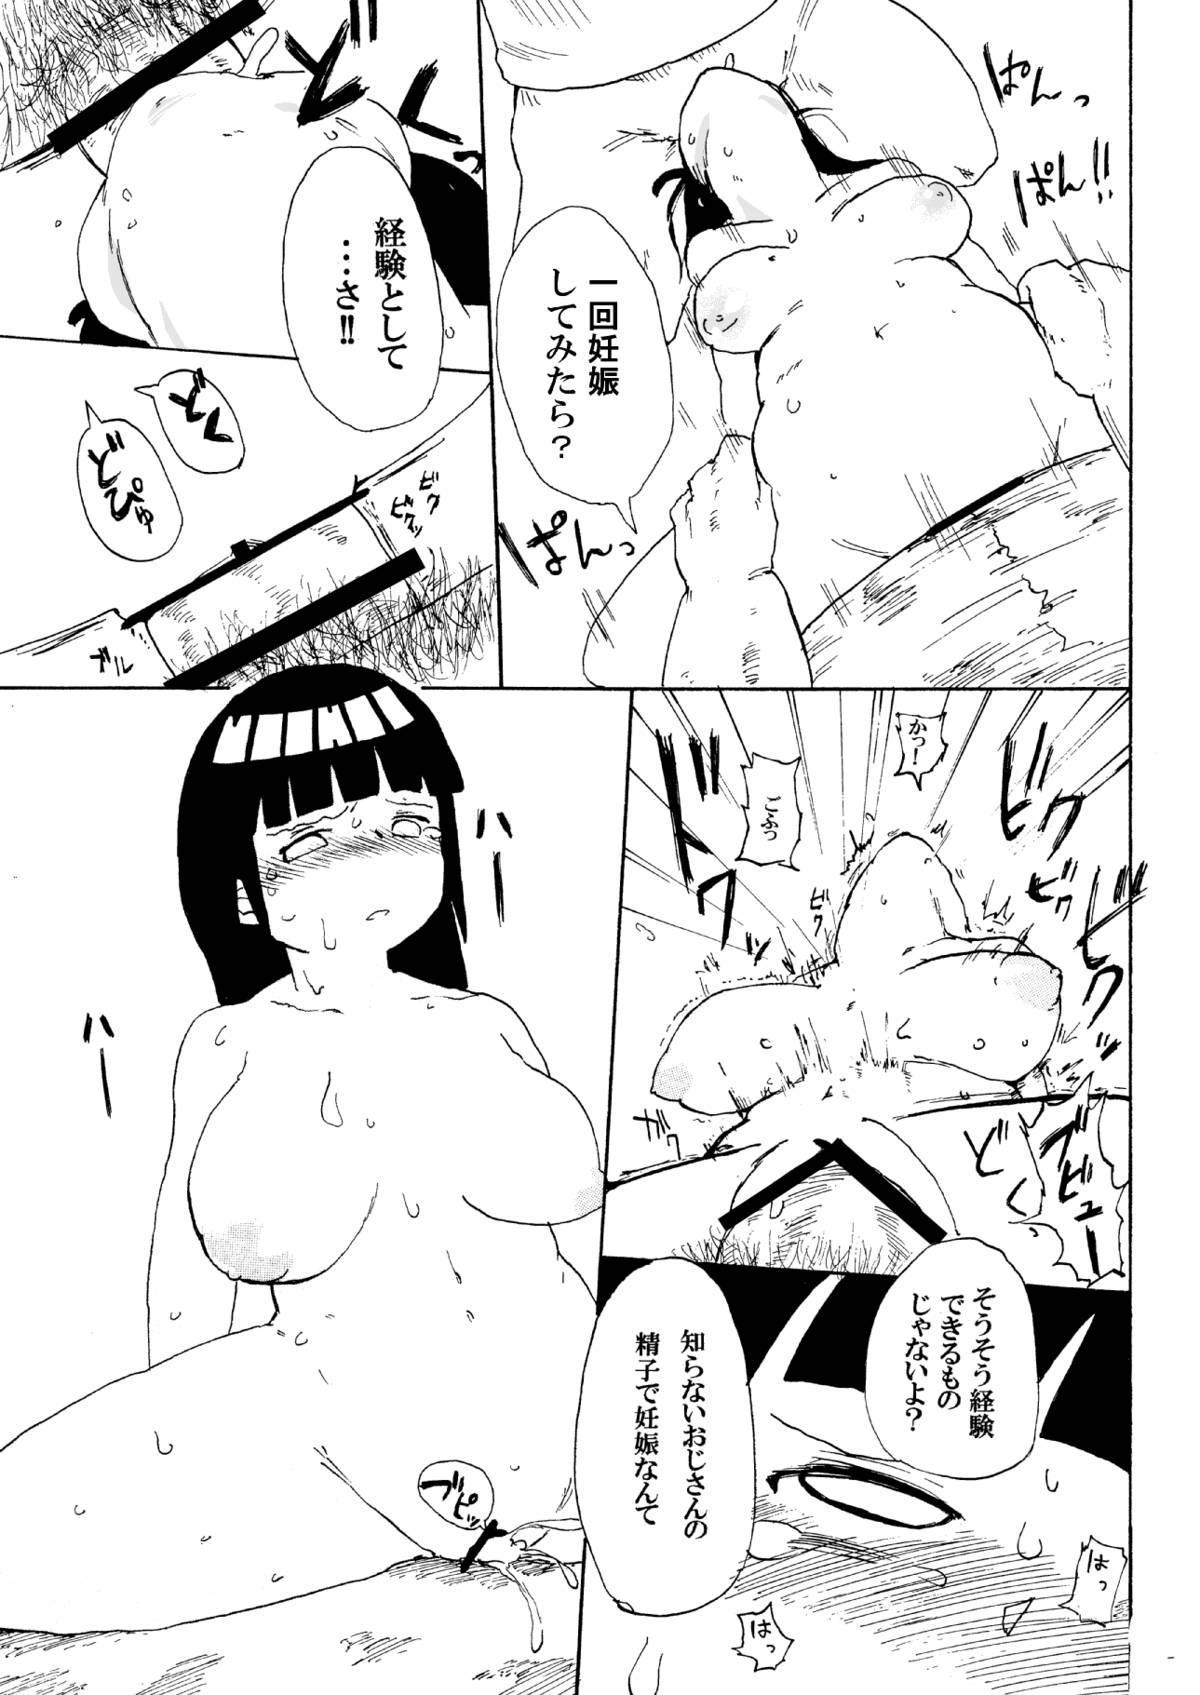 Hinata to Densha 19